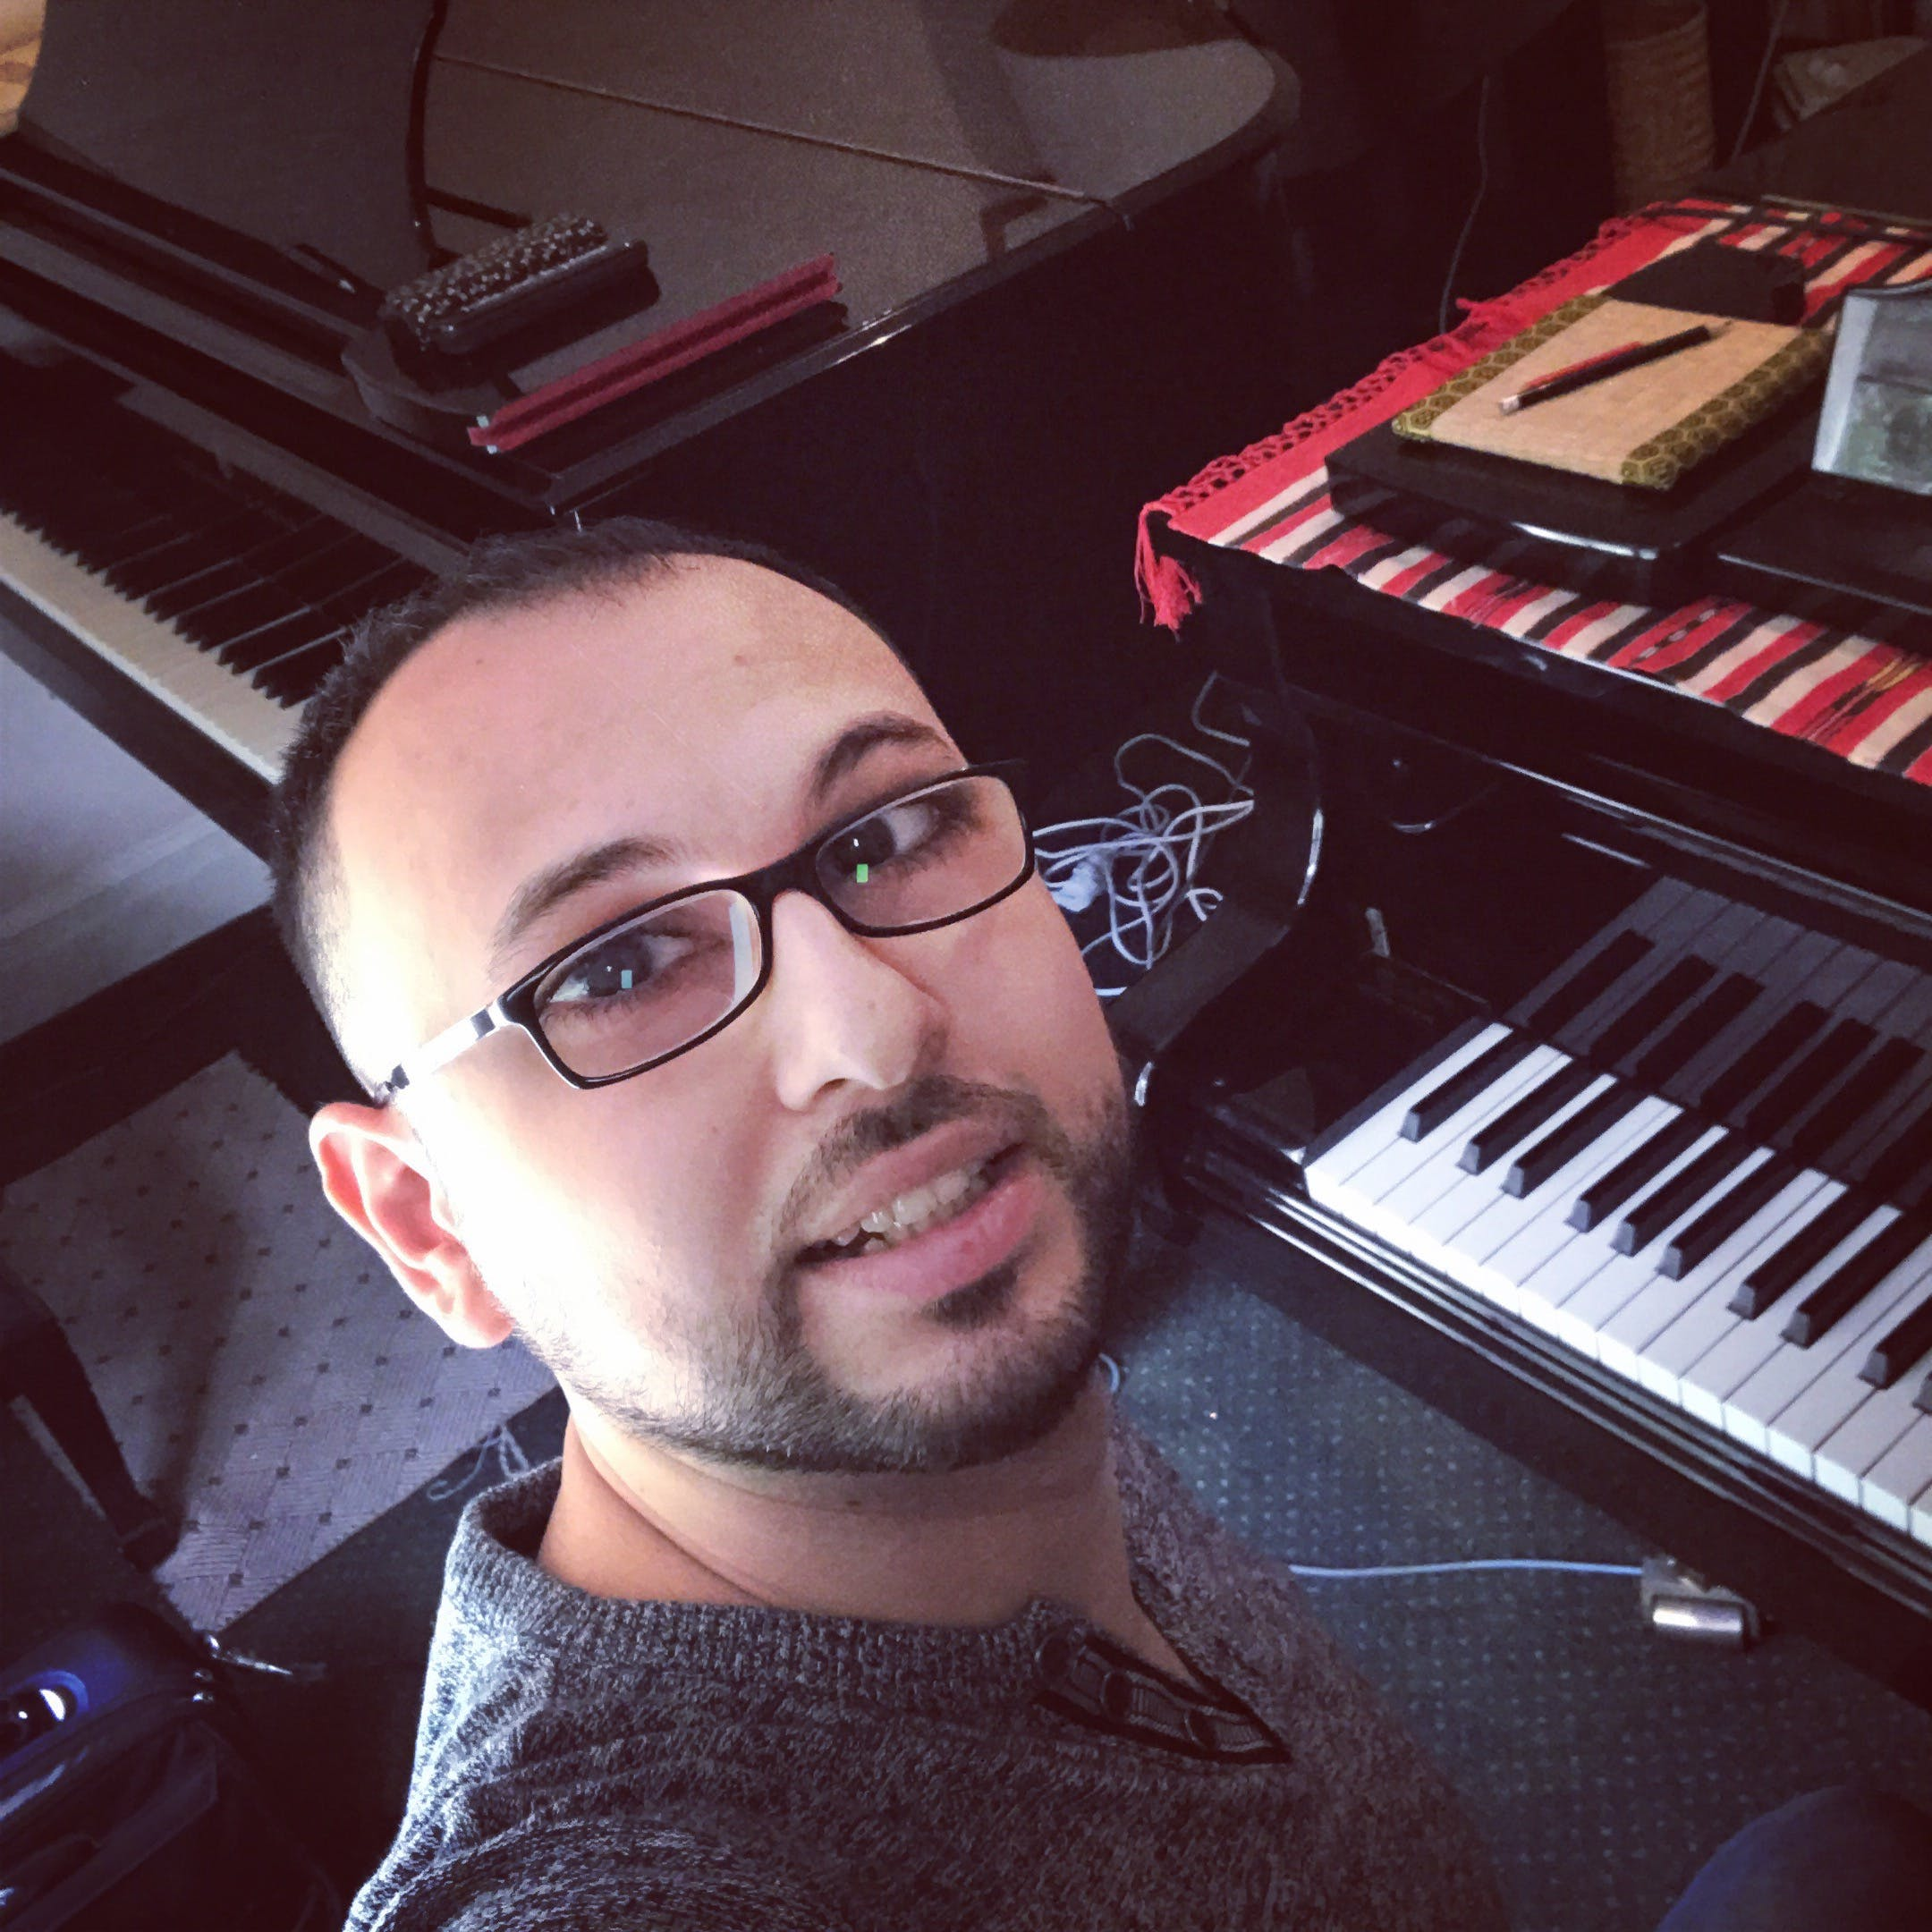 Cours de Piano, Théorie Musique, Musique Jazz à Uccle, Bruxelles, Belgique